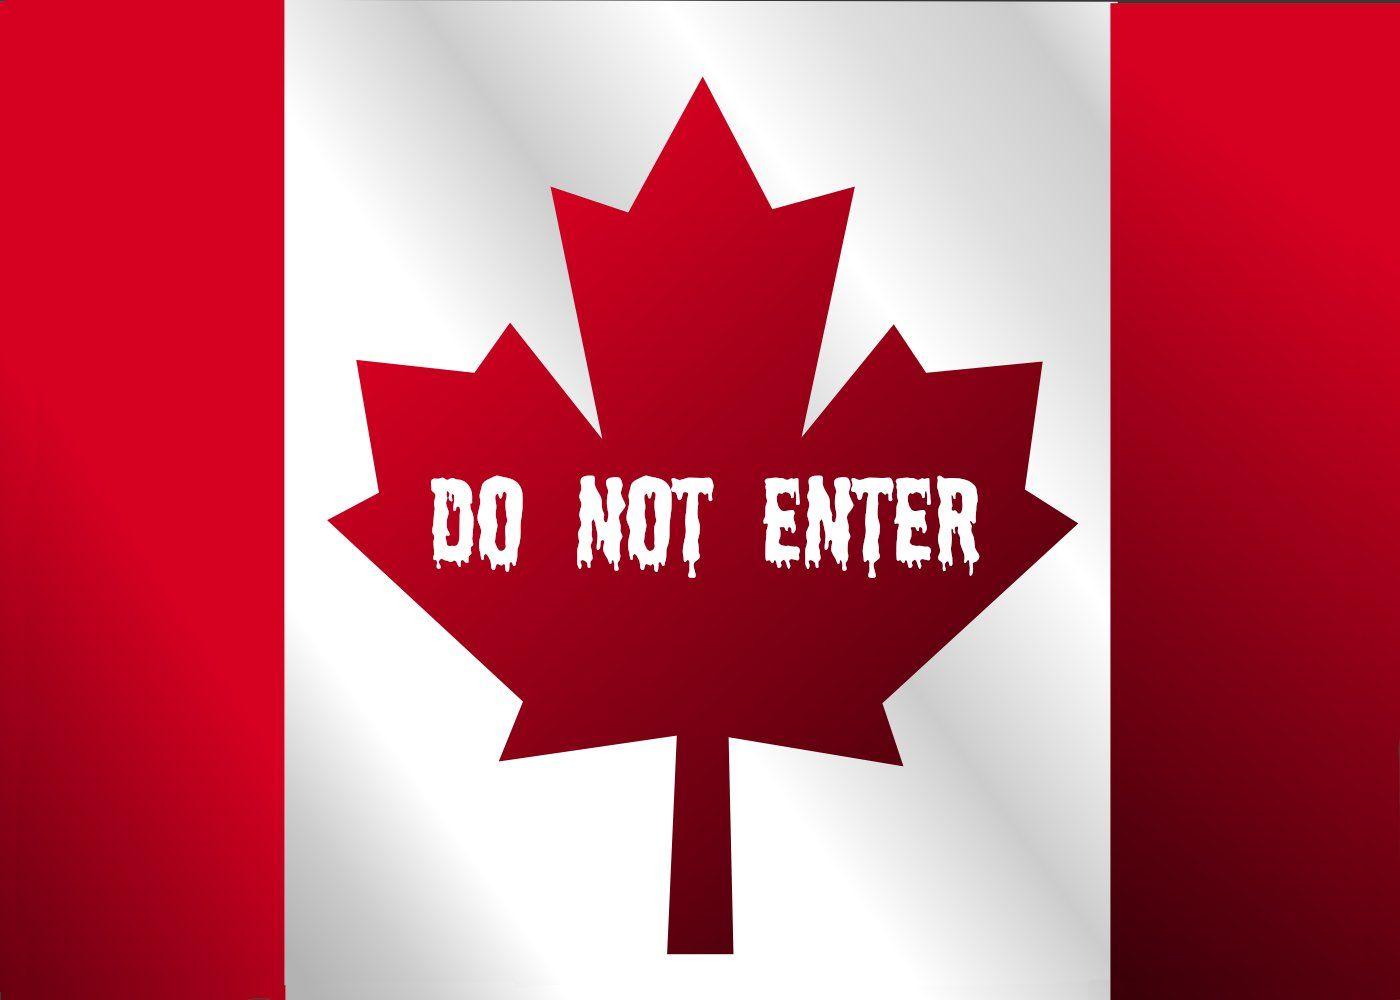 Einfuhrverbot für Messer in Kanada